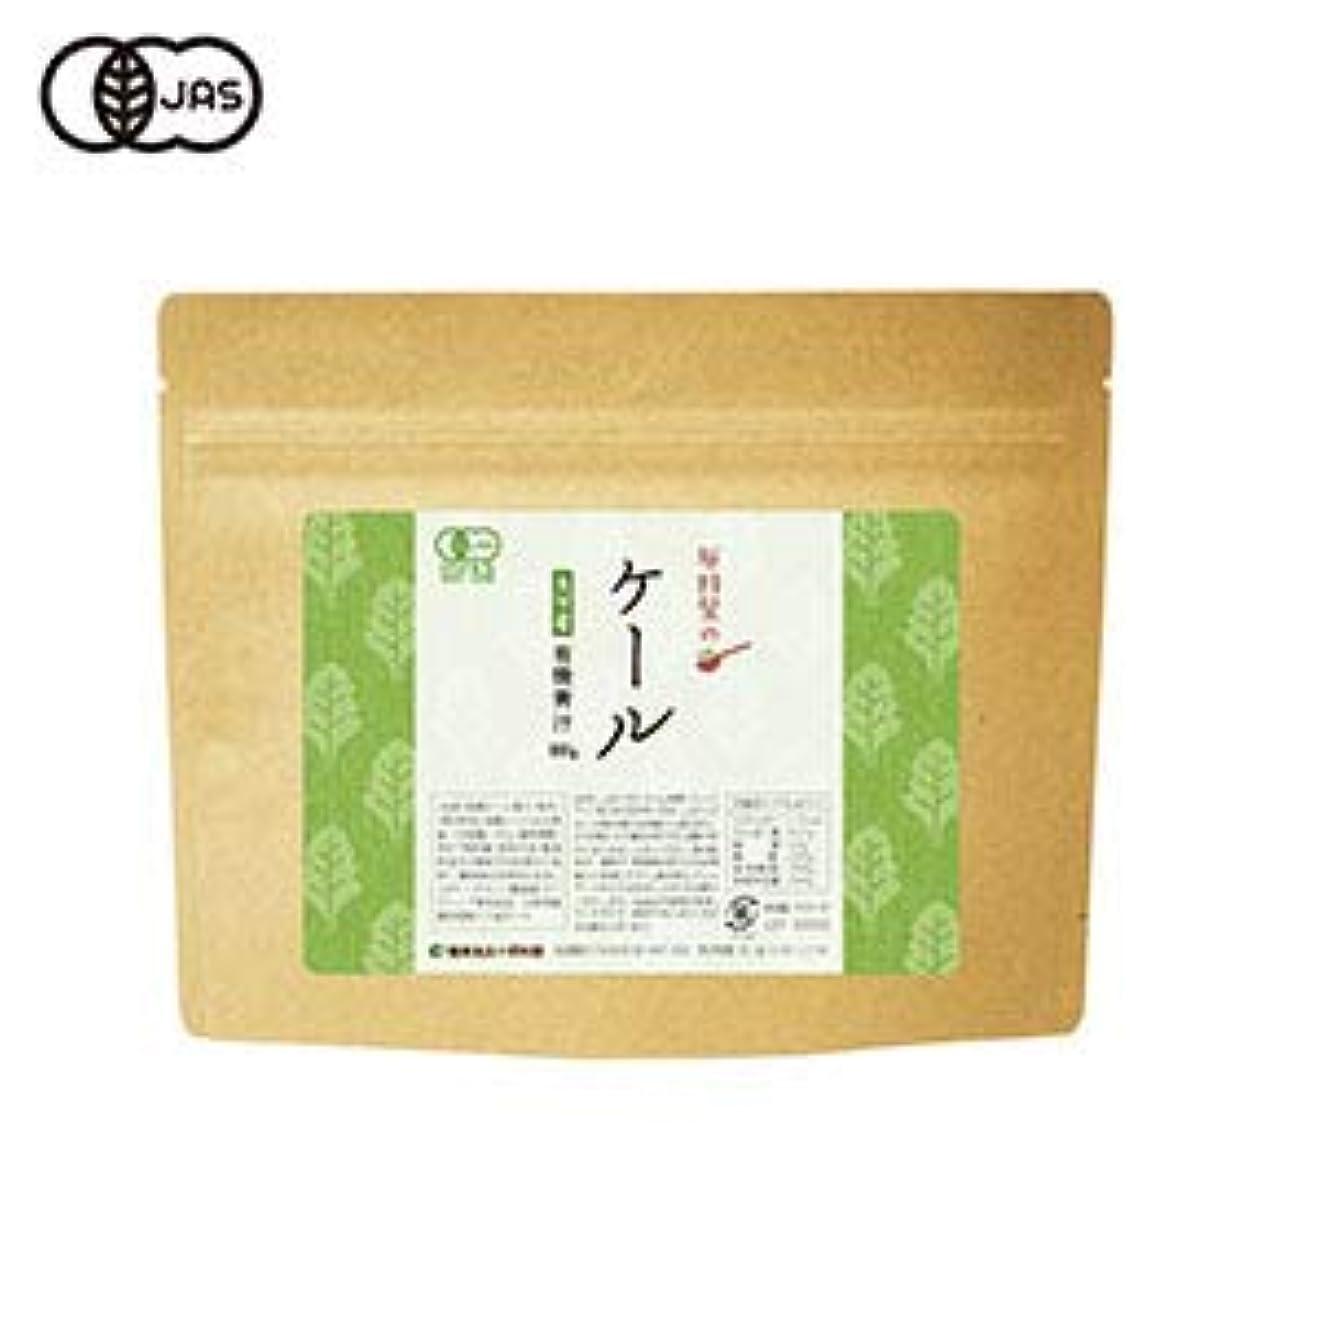 舌ブラスト石化する健康食品の原料屋 国産 有機JAS オーガニック 青汁 ケール 粉末 100g